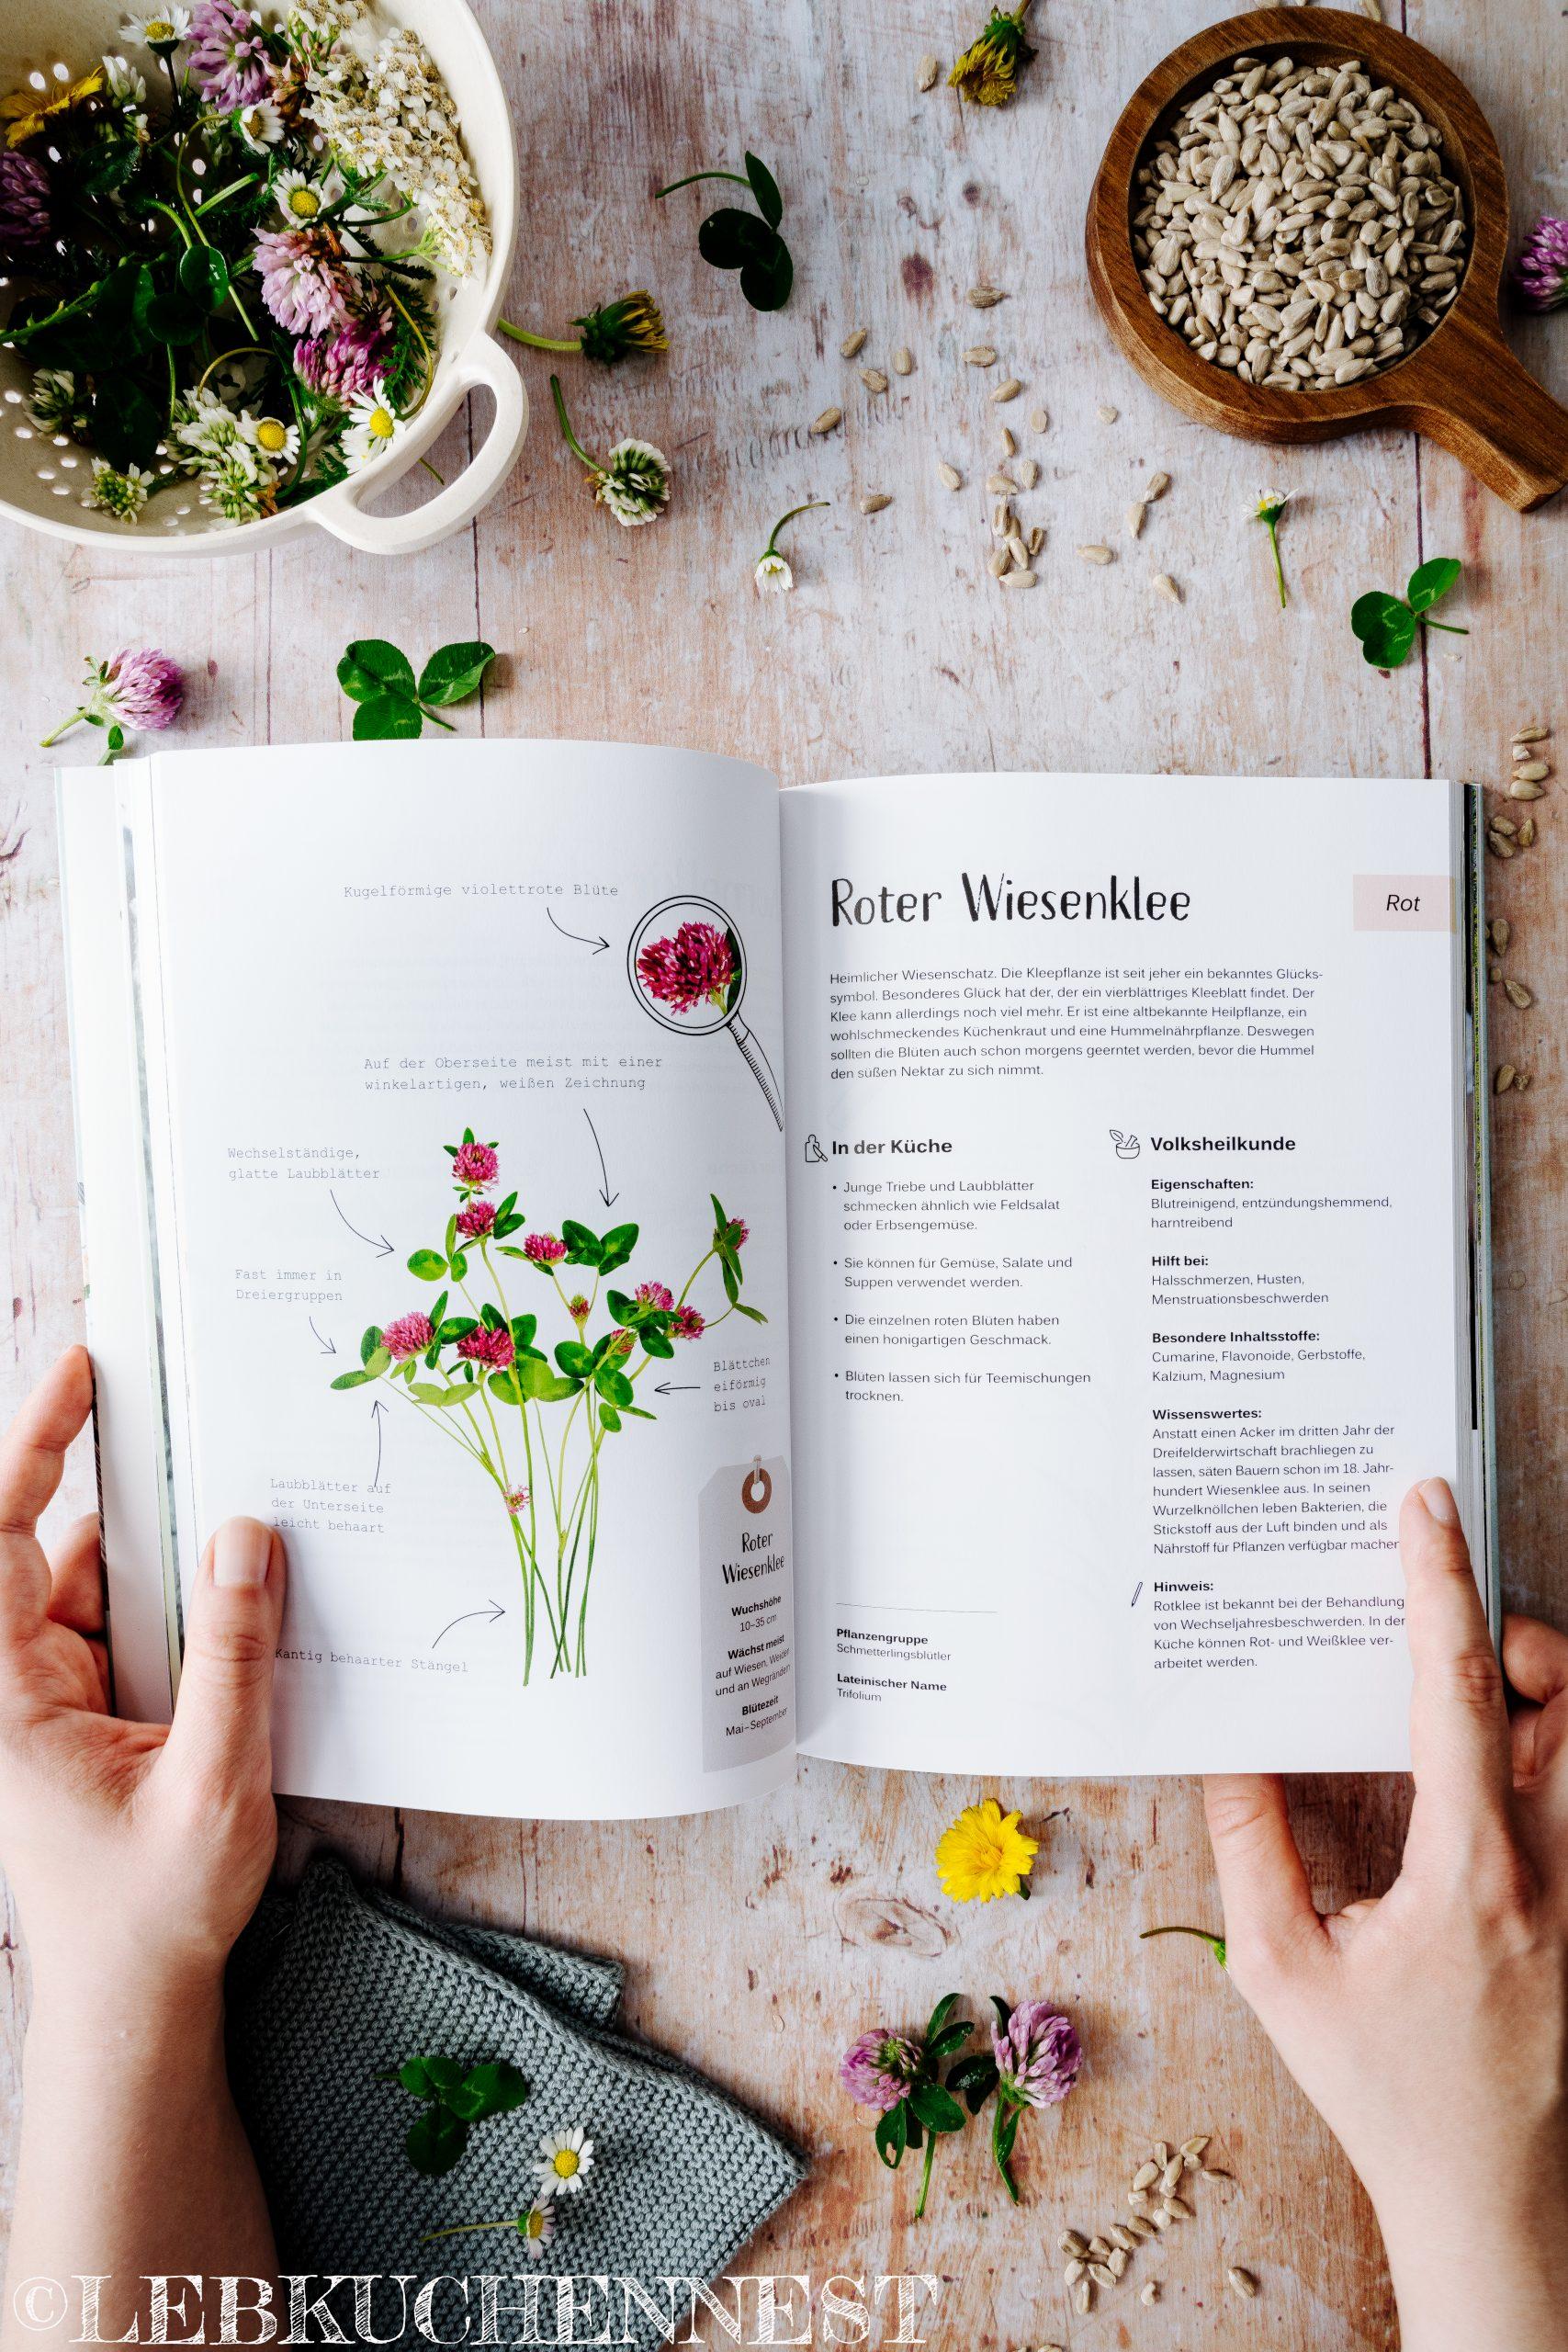 Blick ins Buch - Raus in die Botanik